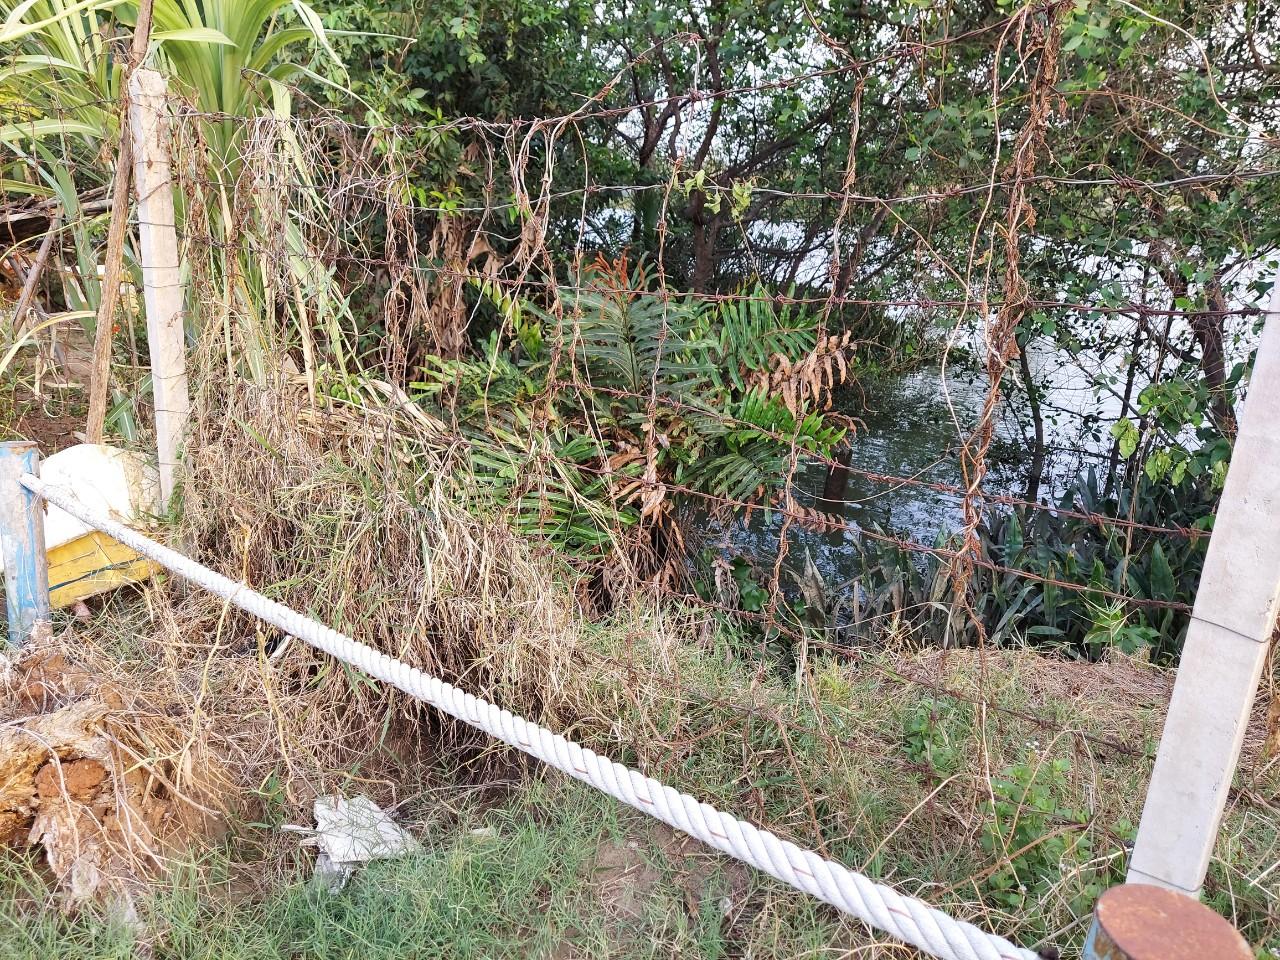 2.Nước thải sinh hoạt Khu dân cư Melosa Garden được xả trực tiếp ra sông không qua xử lý?